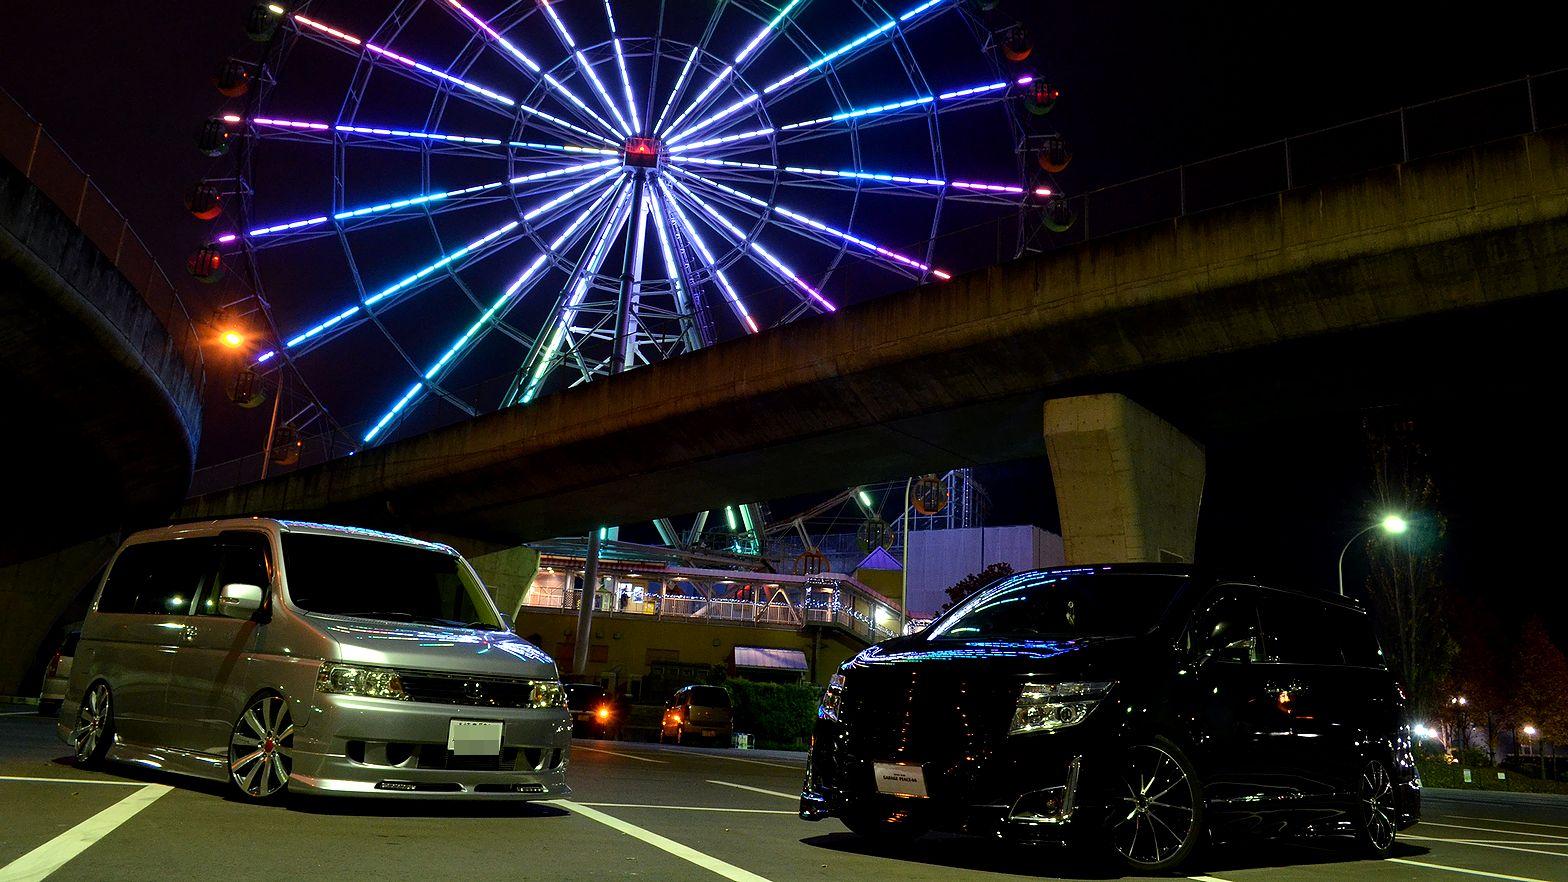 Nissan Highway Star, tuning vanów, Japonia, ciekawe, pasja, modyfikacje, noc